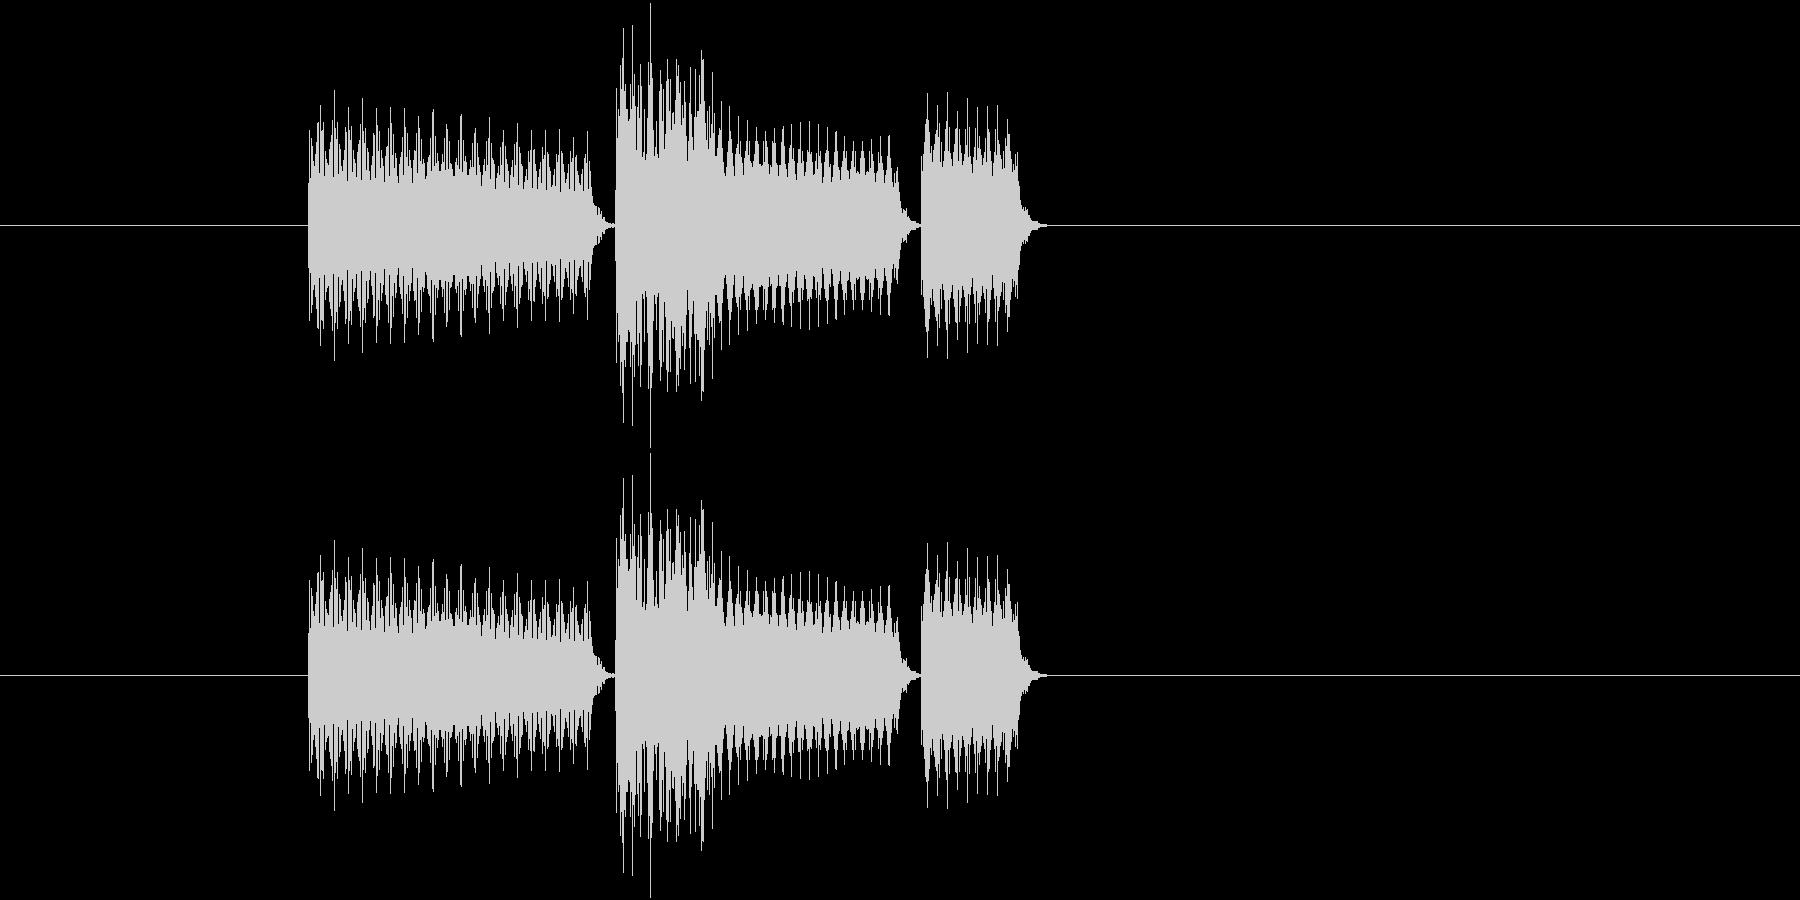 ゲーム(セレクト、決定など)の音の未再生の波形